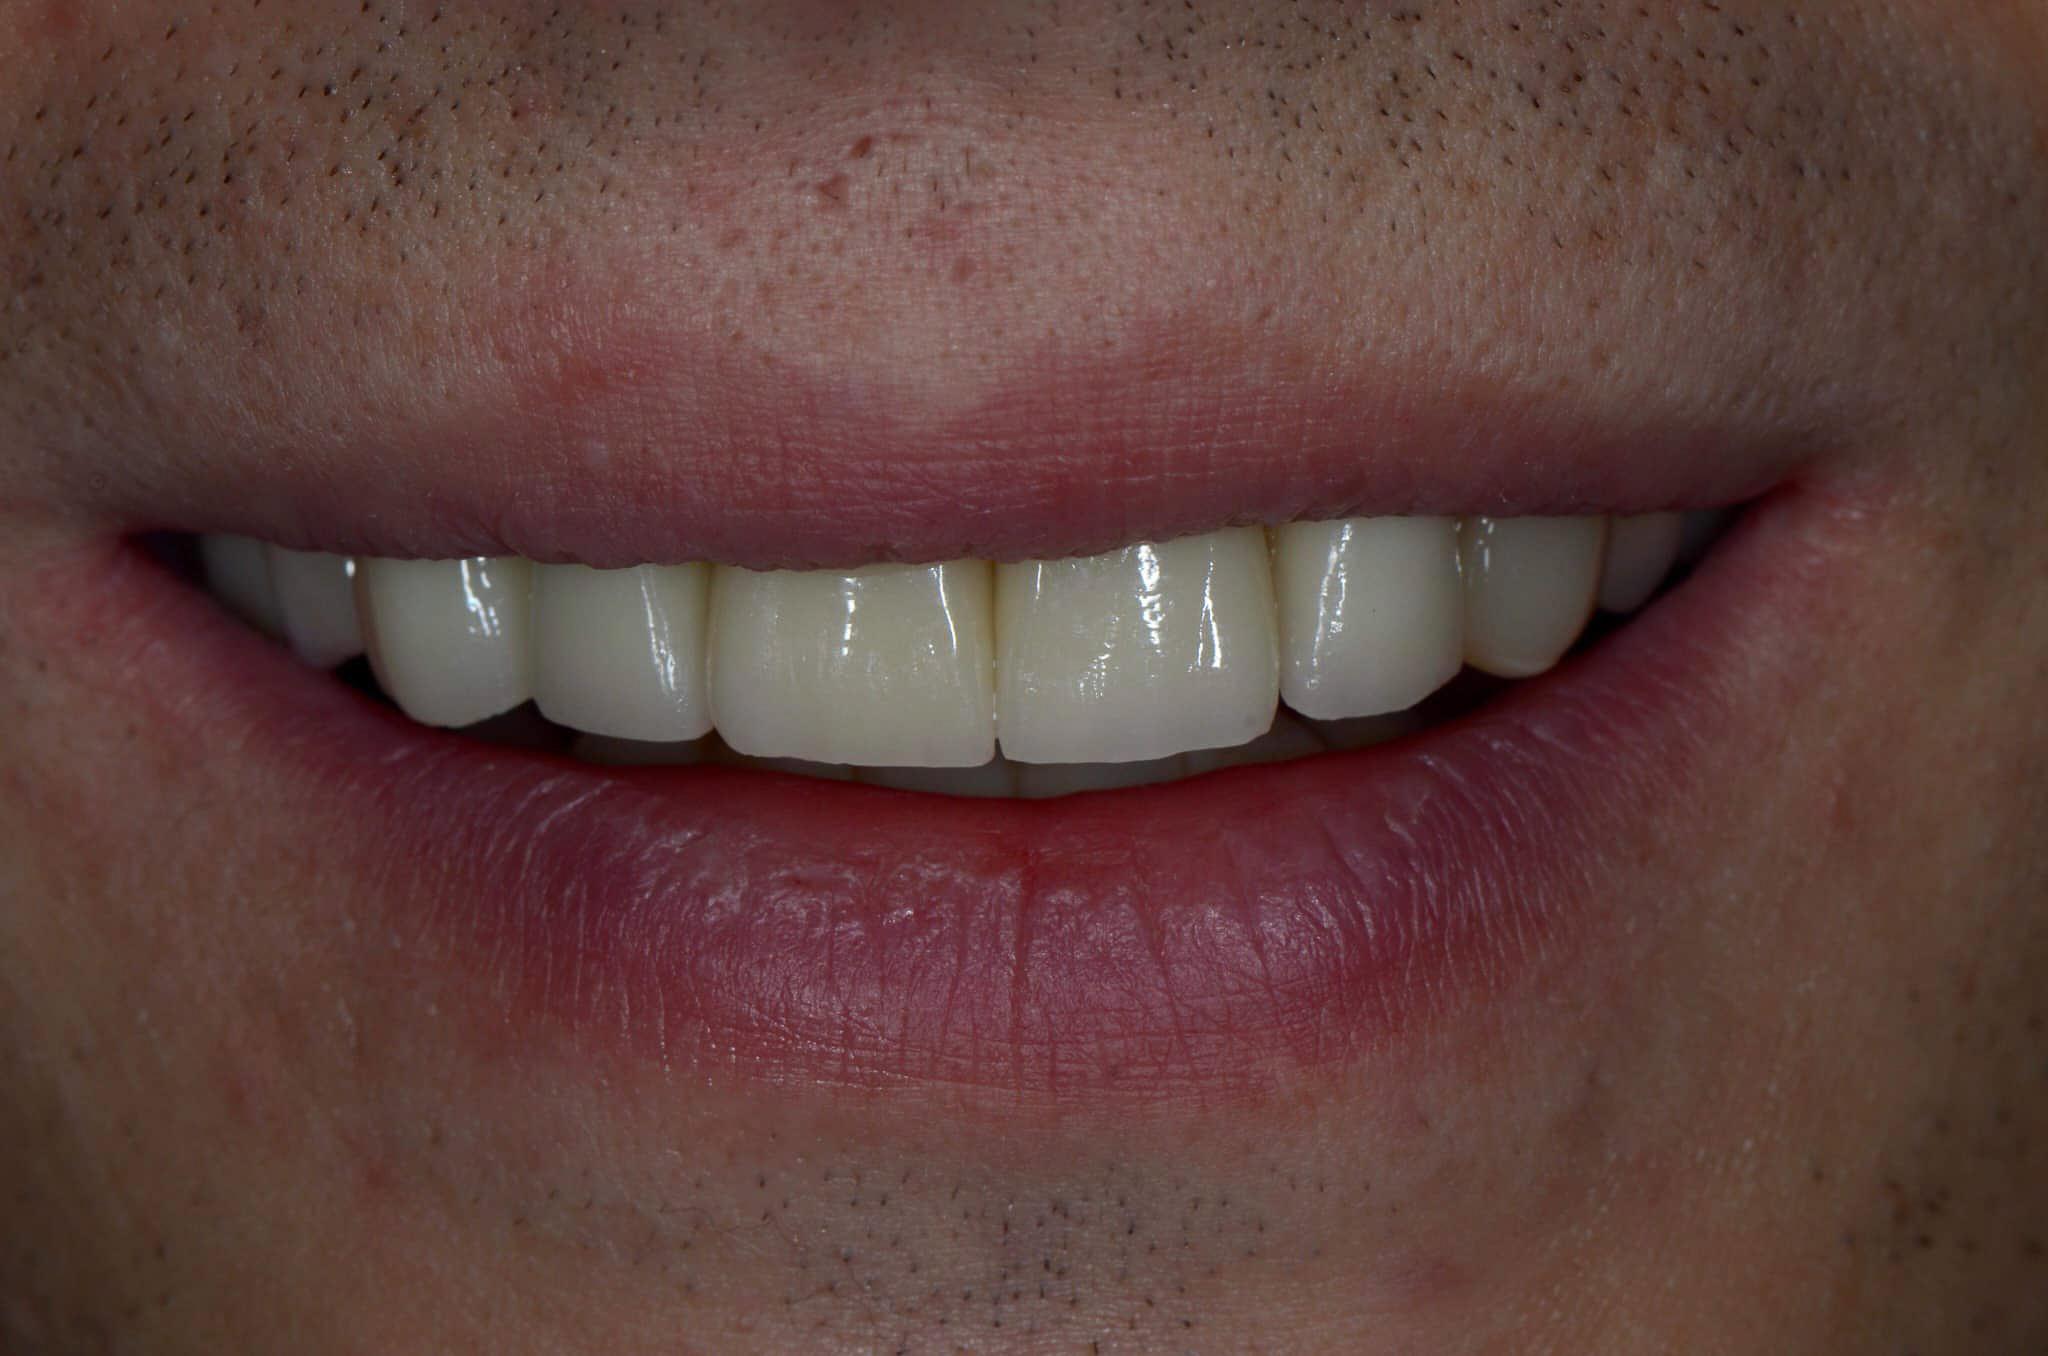 Priekiniai dantys